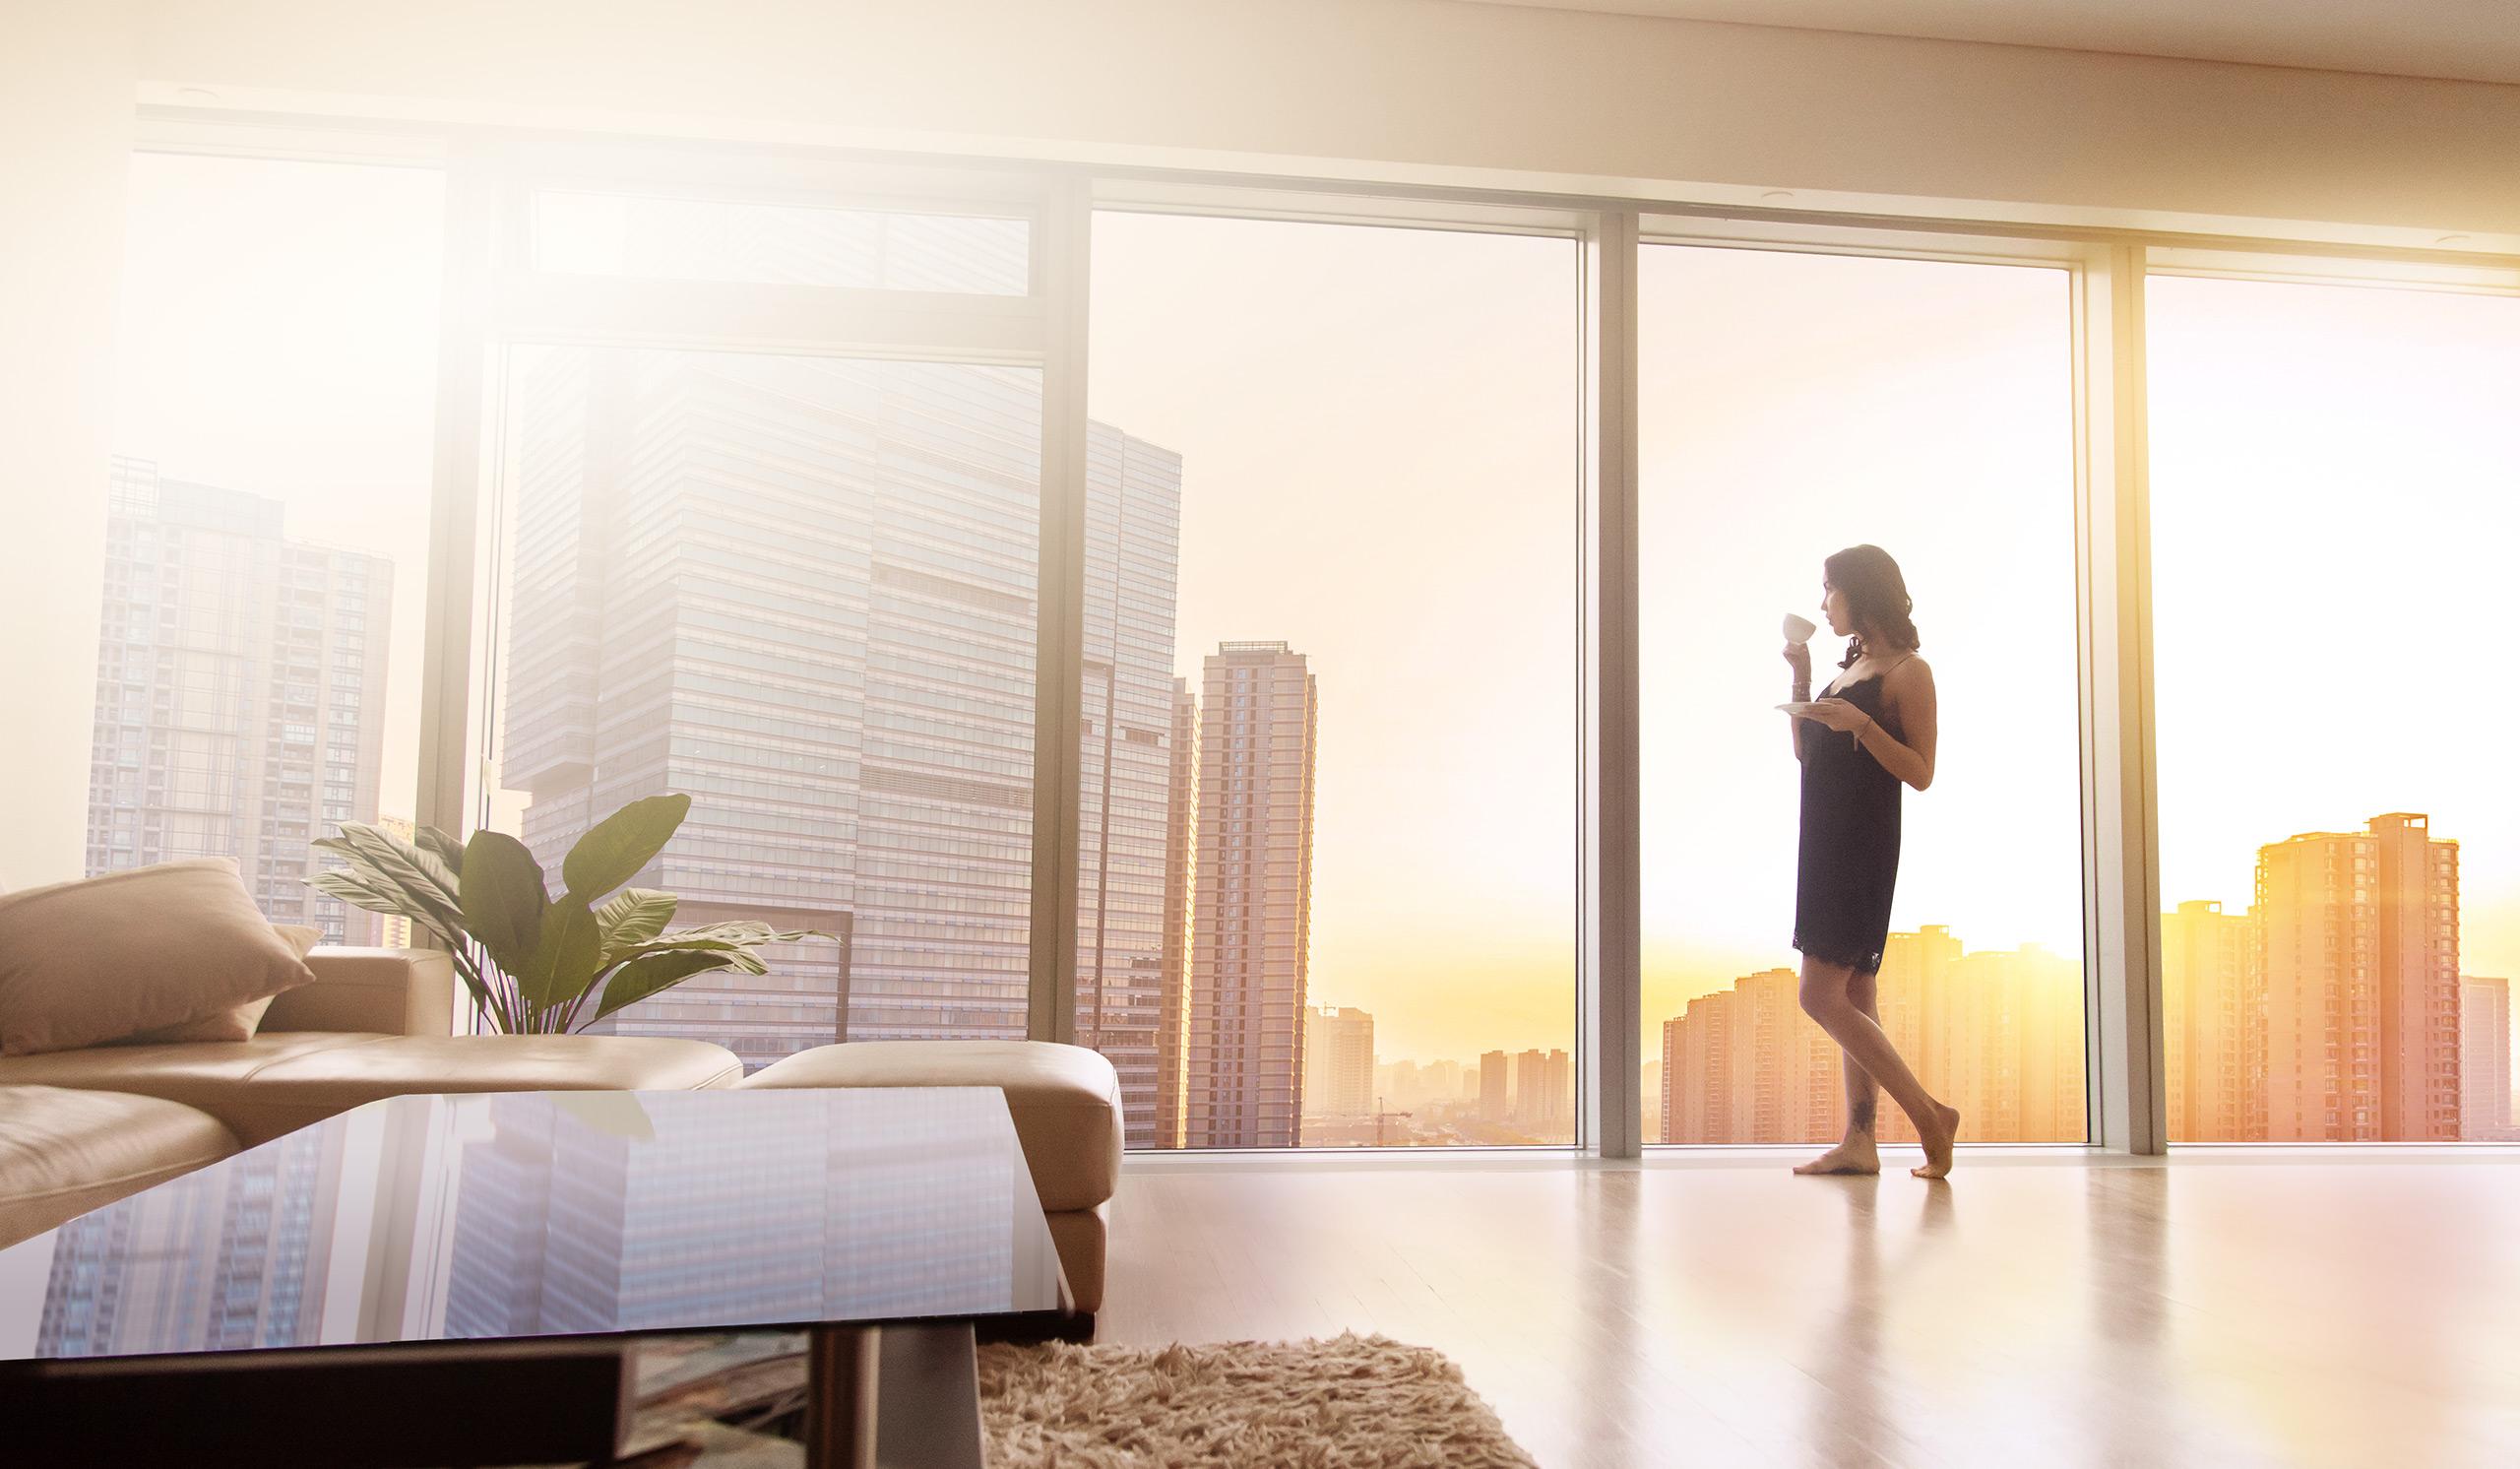 klimat smart home